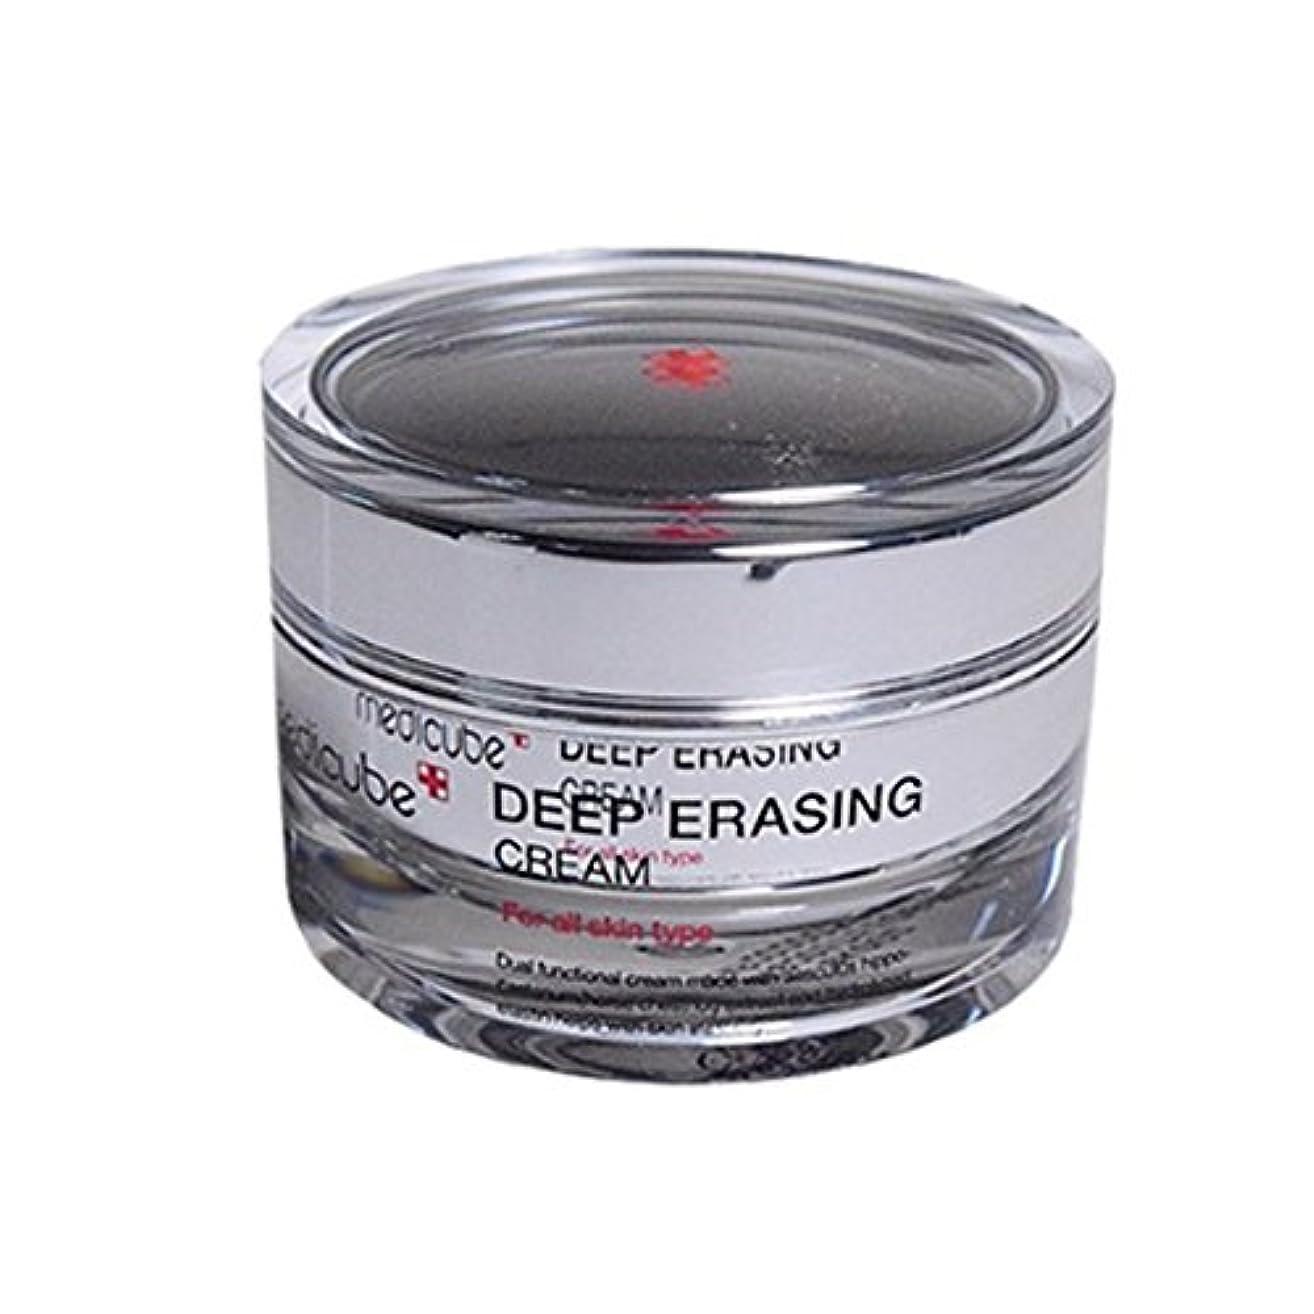 メディキューブ?ディップイレイジンクリーム50ml、Medicube Deep Erasing Cream 50ml [並行輸入品]